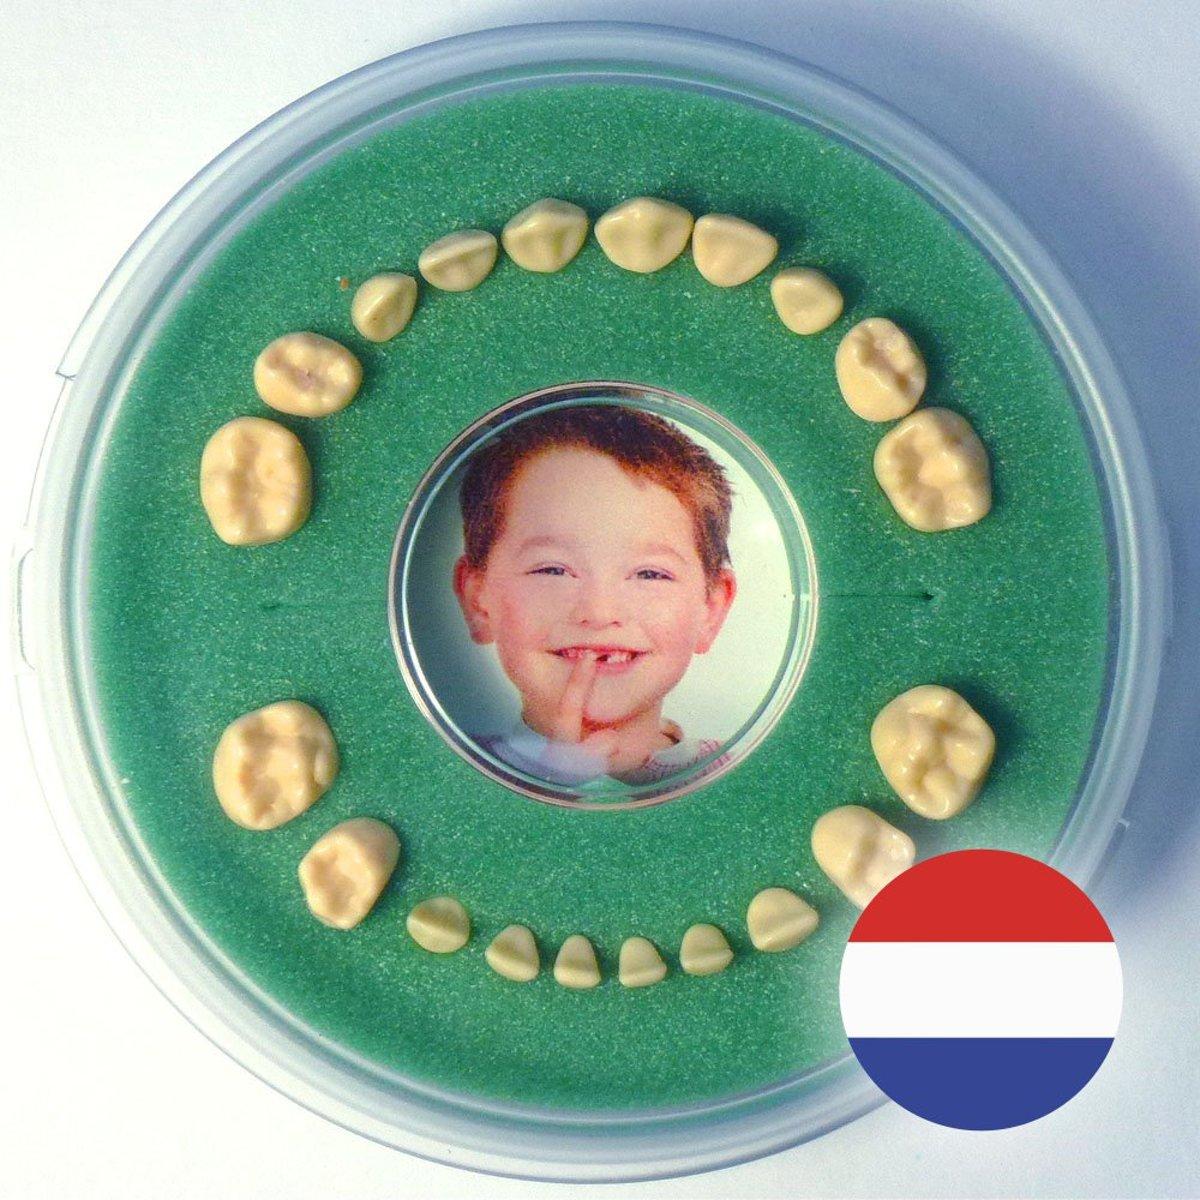 Tanden-Haarlokdoosje Kraamcadeau - Groen, Jongen, Meisje - Firsty - NL Tekst - Gratis Verzending